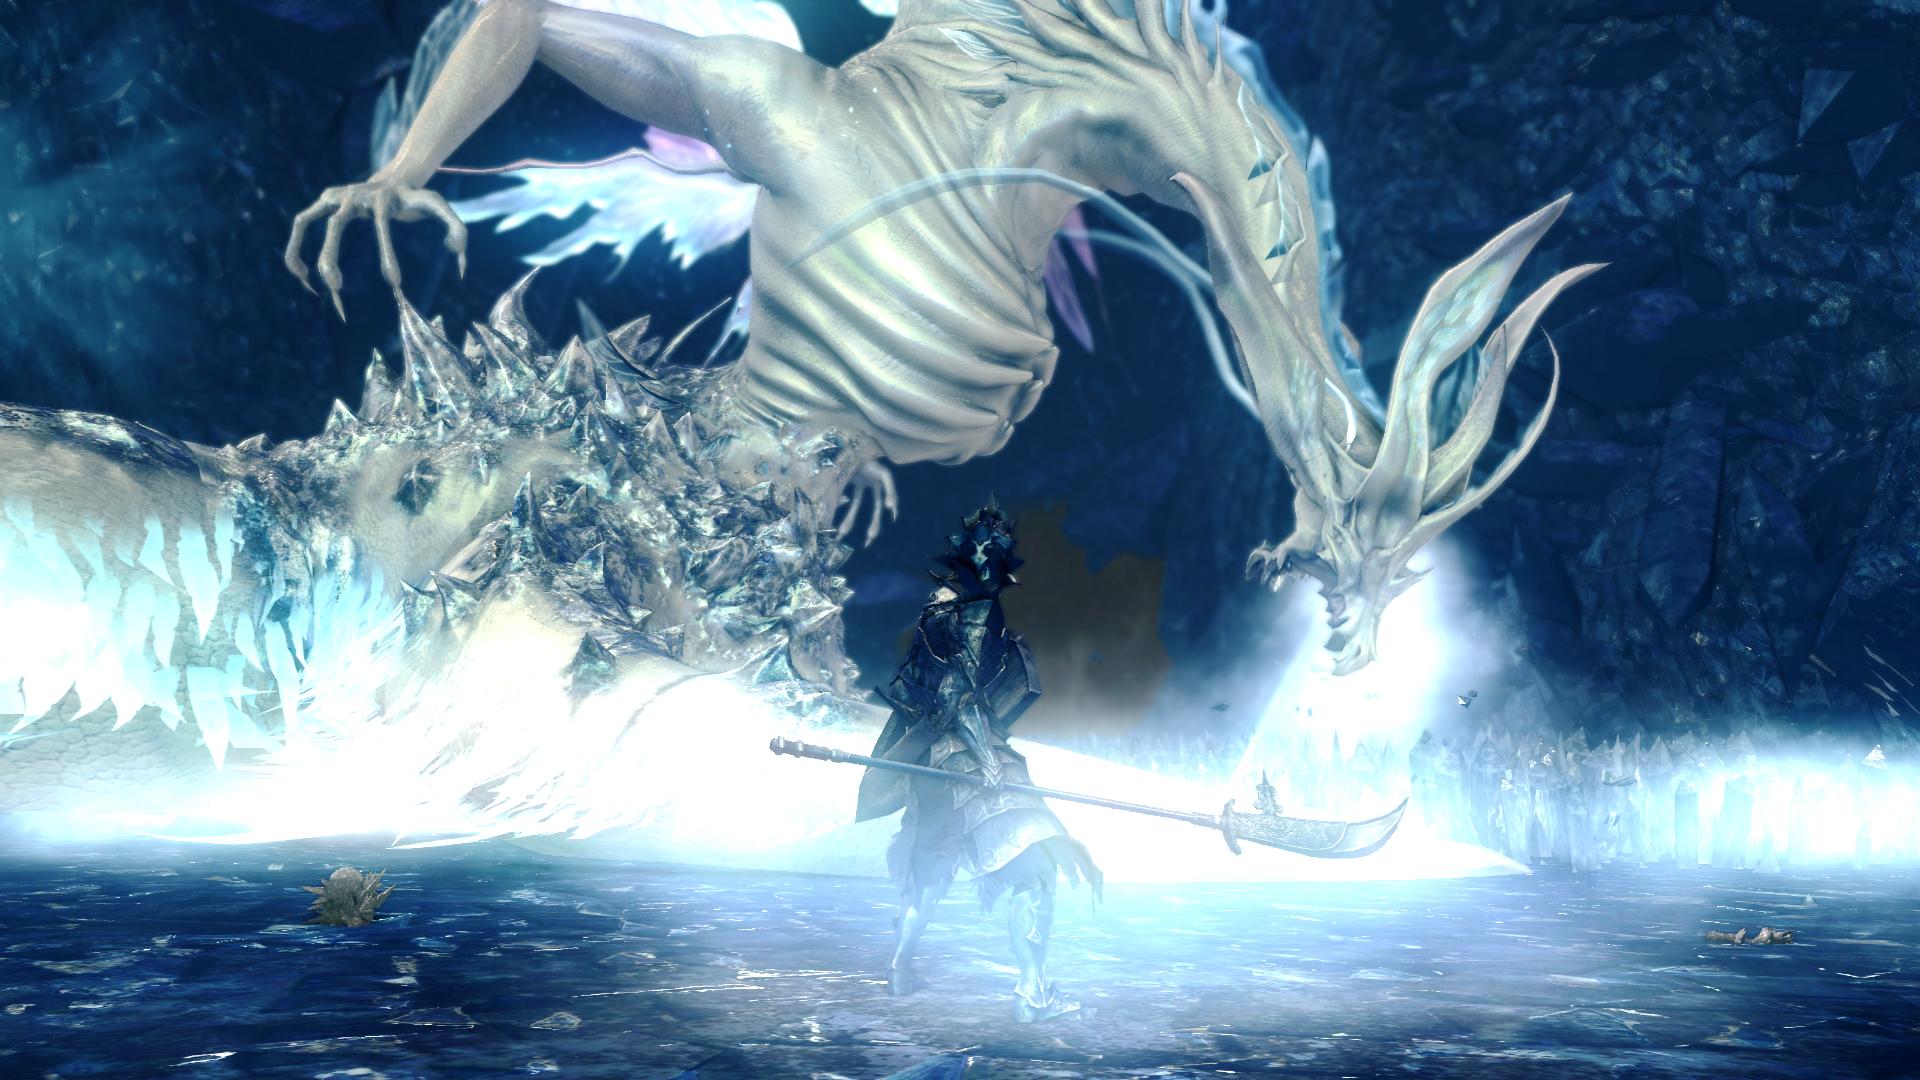 Dark Souls : The Duke's Archives | The Irreverent Gamer: theirreverentgamer.wordpress.com/2014/01/25/dark-souls-the-dukes...